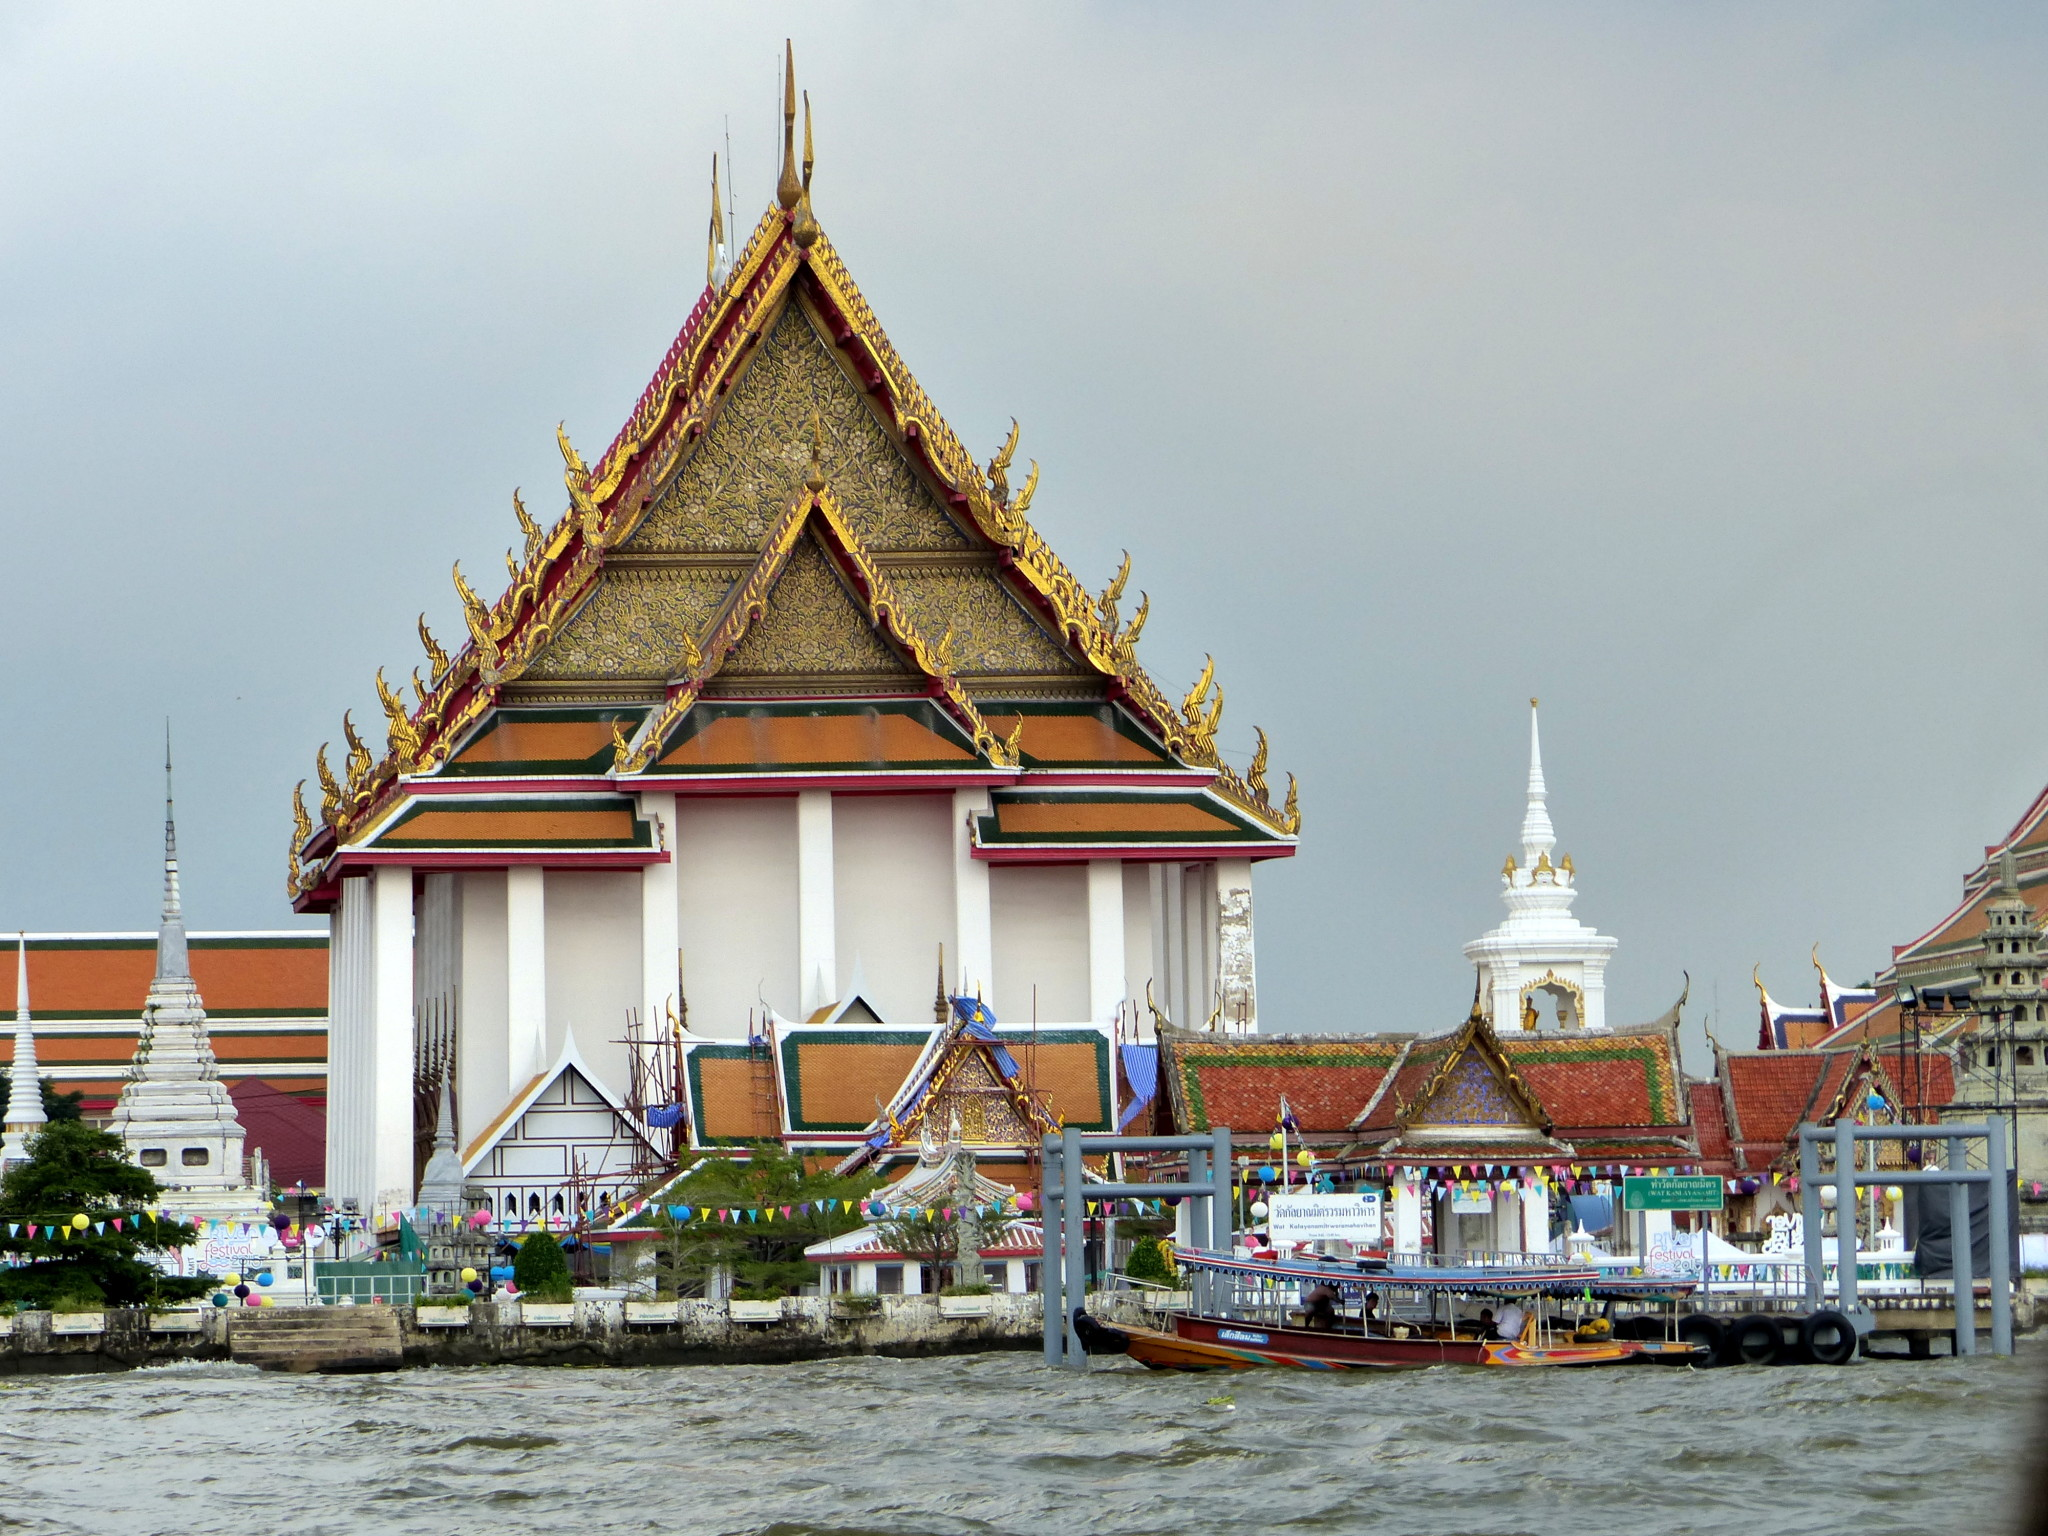 3 Chao Phraya